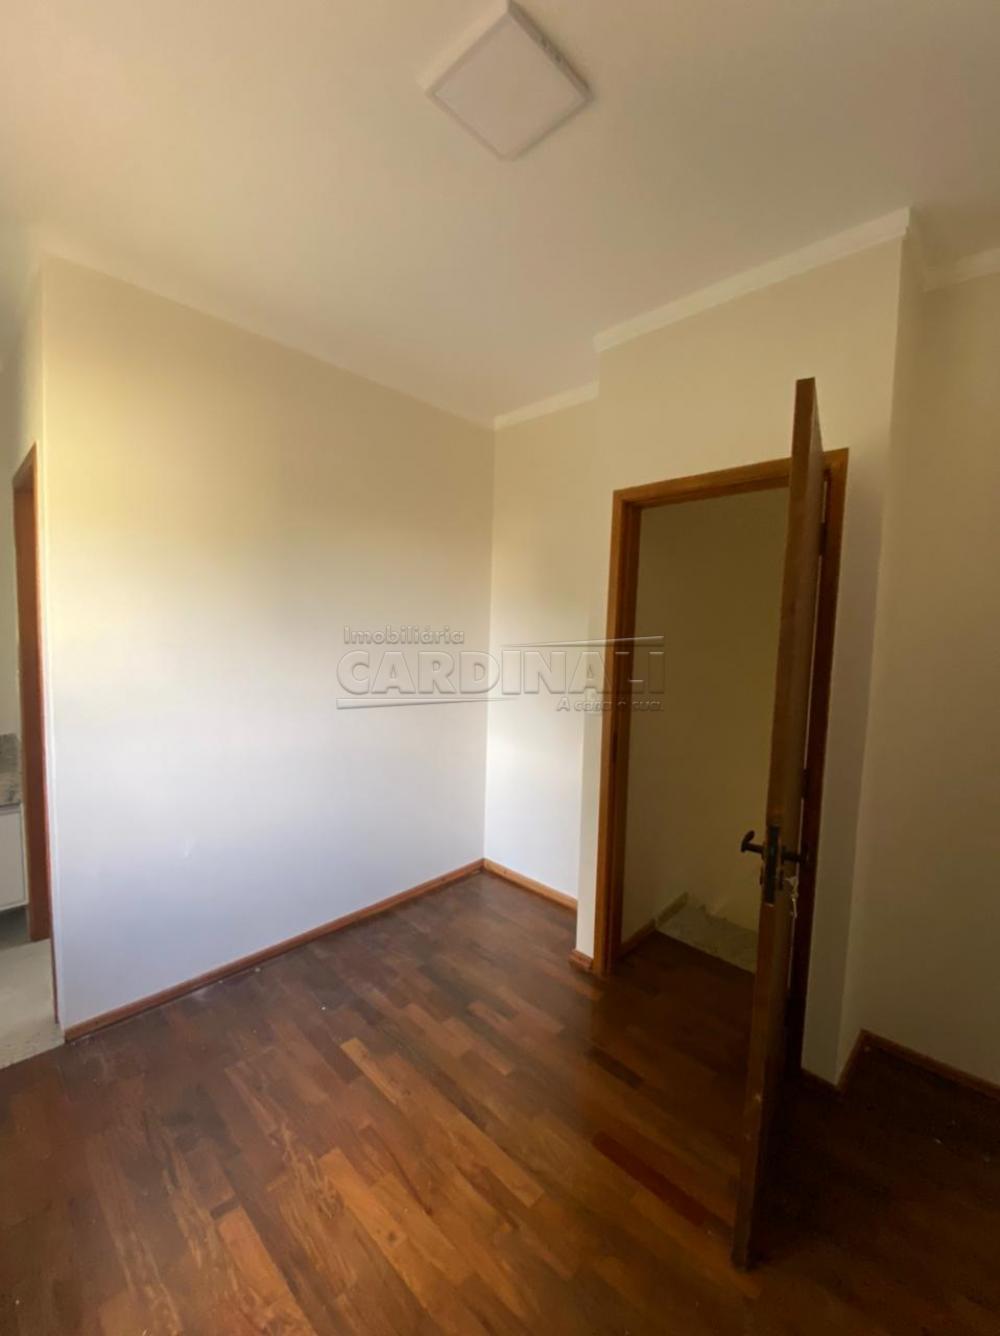 Alugar Casa / Padrão em São Carlos R$ 834,00 - Foto 1